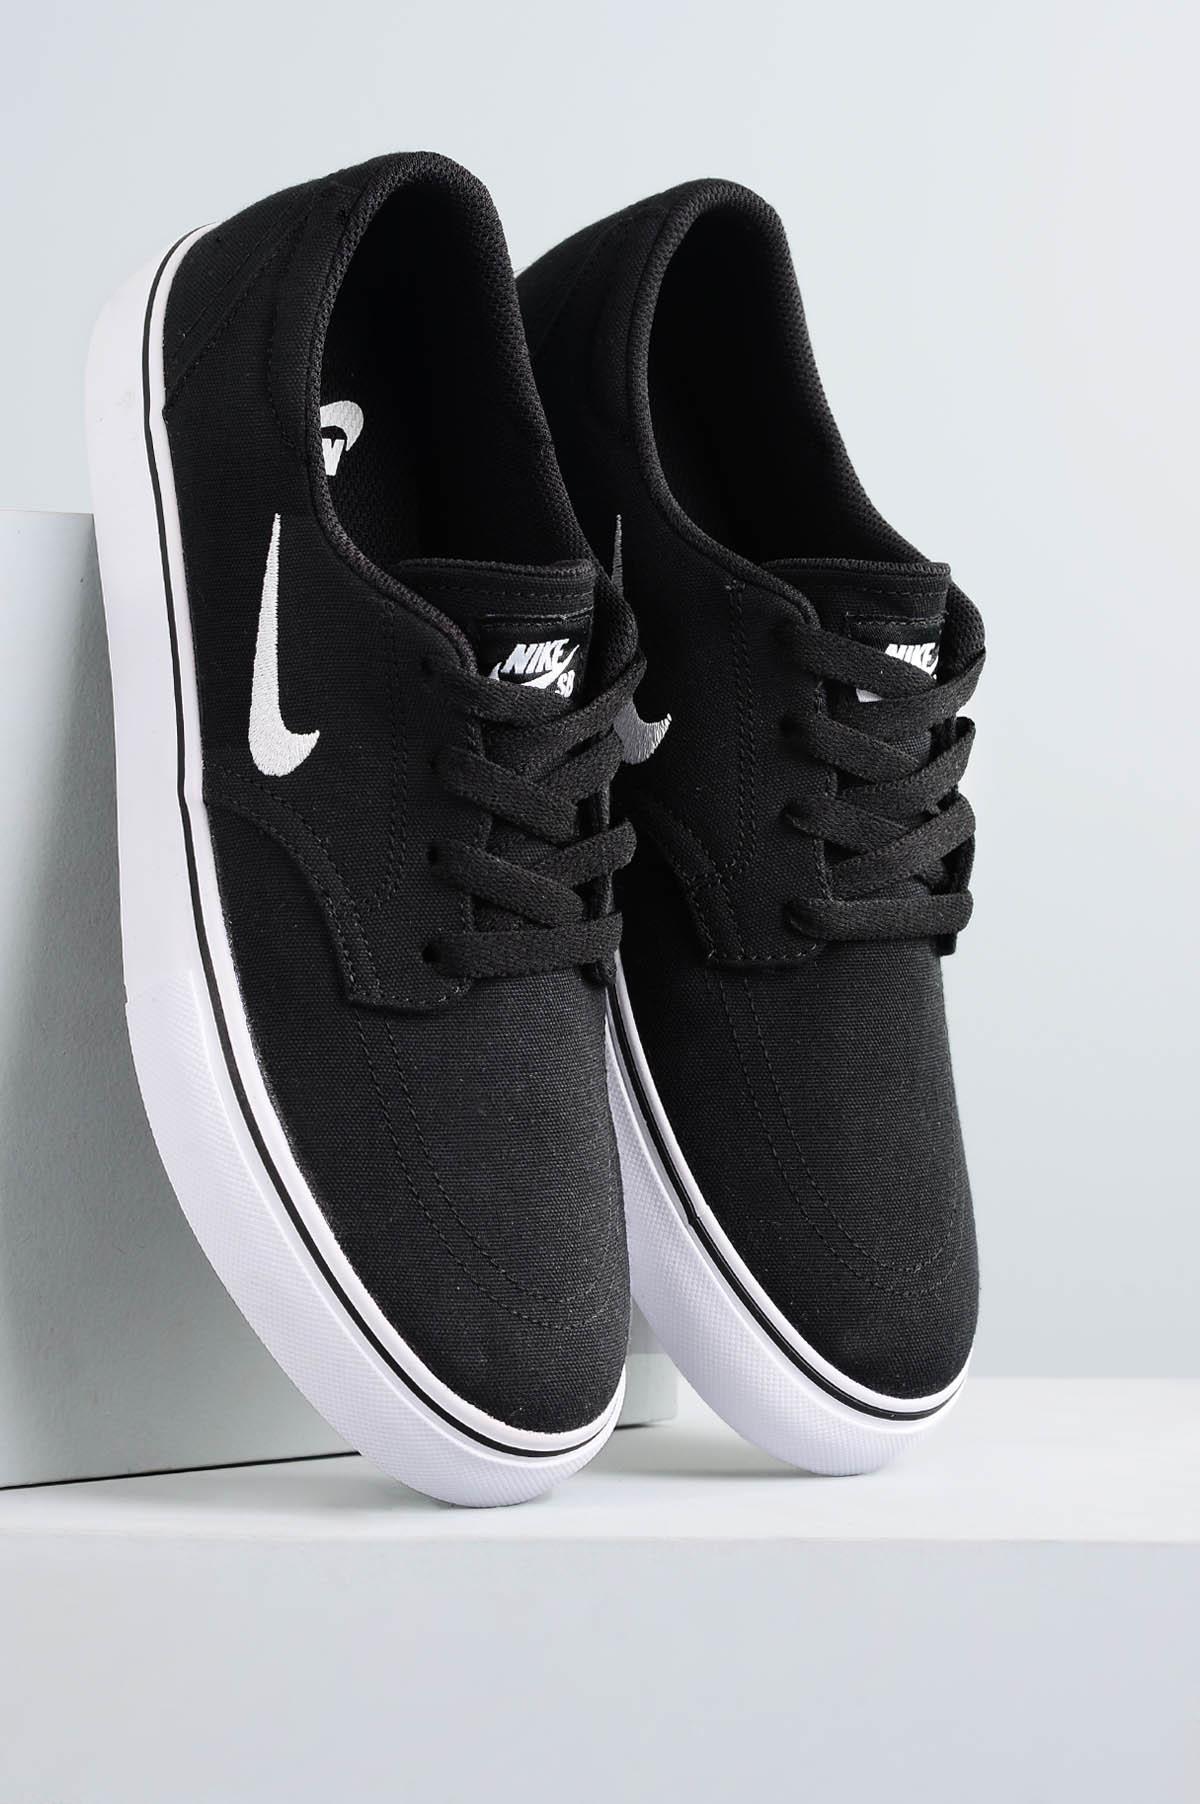 143c461029 Tênis Nike Sb Clutch Skateboarding Shoe TEC - PRETO - Mundial Calçados